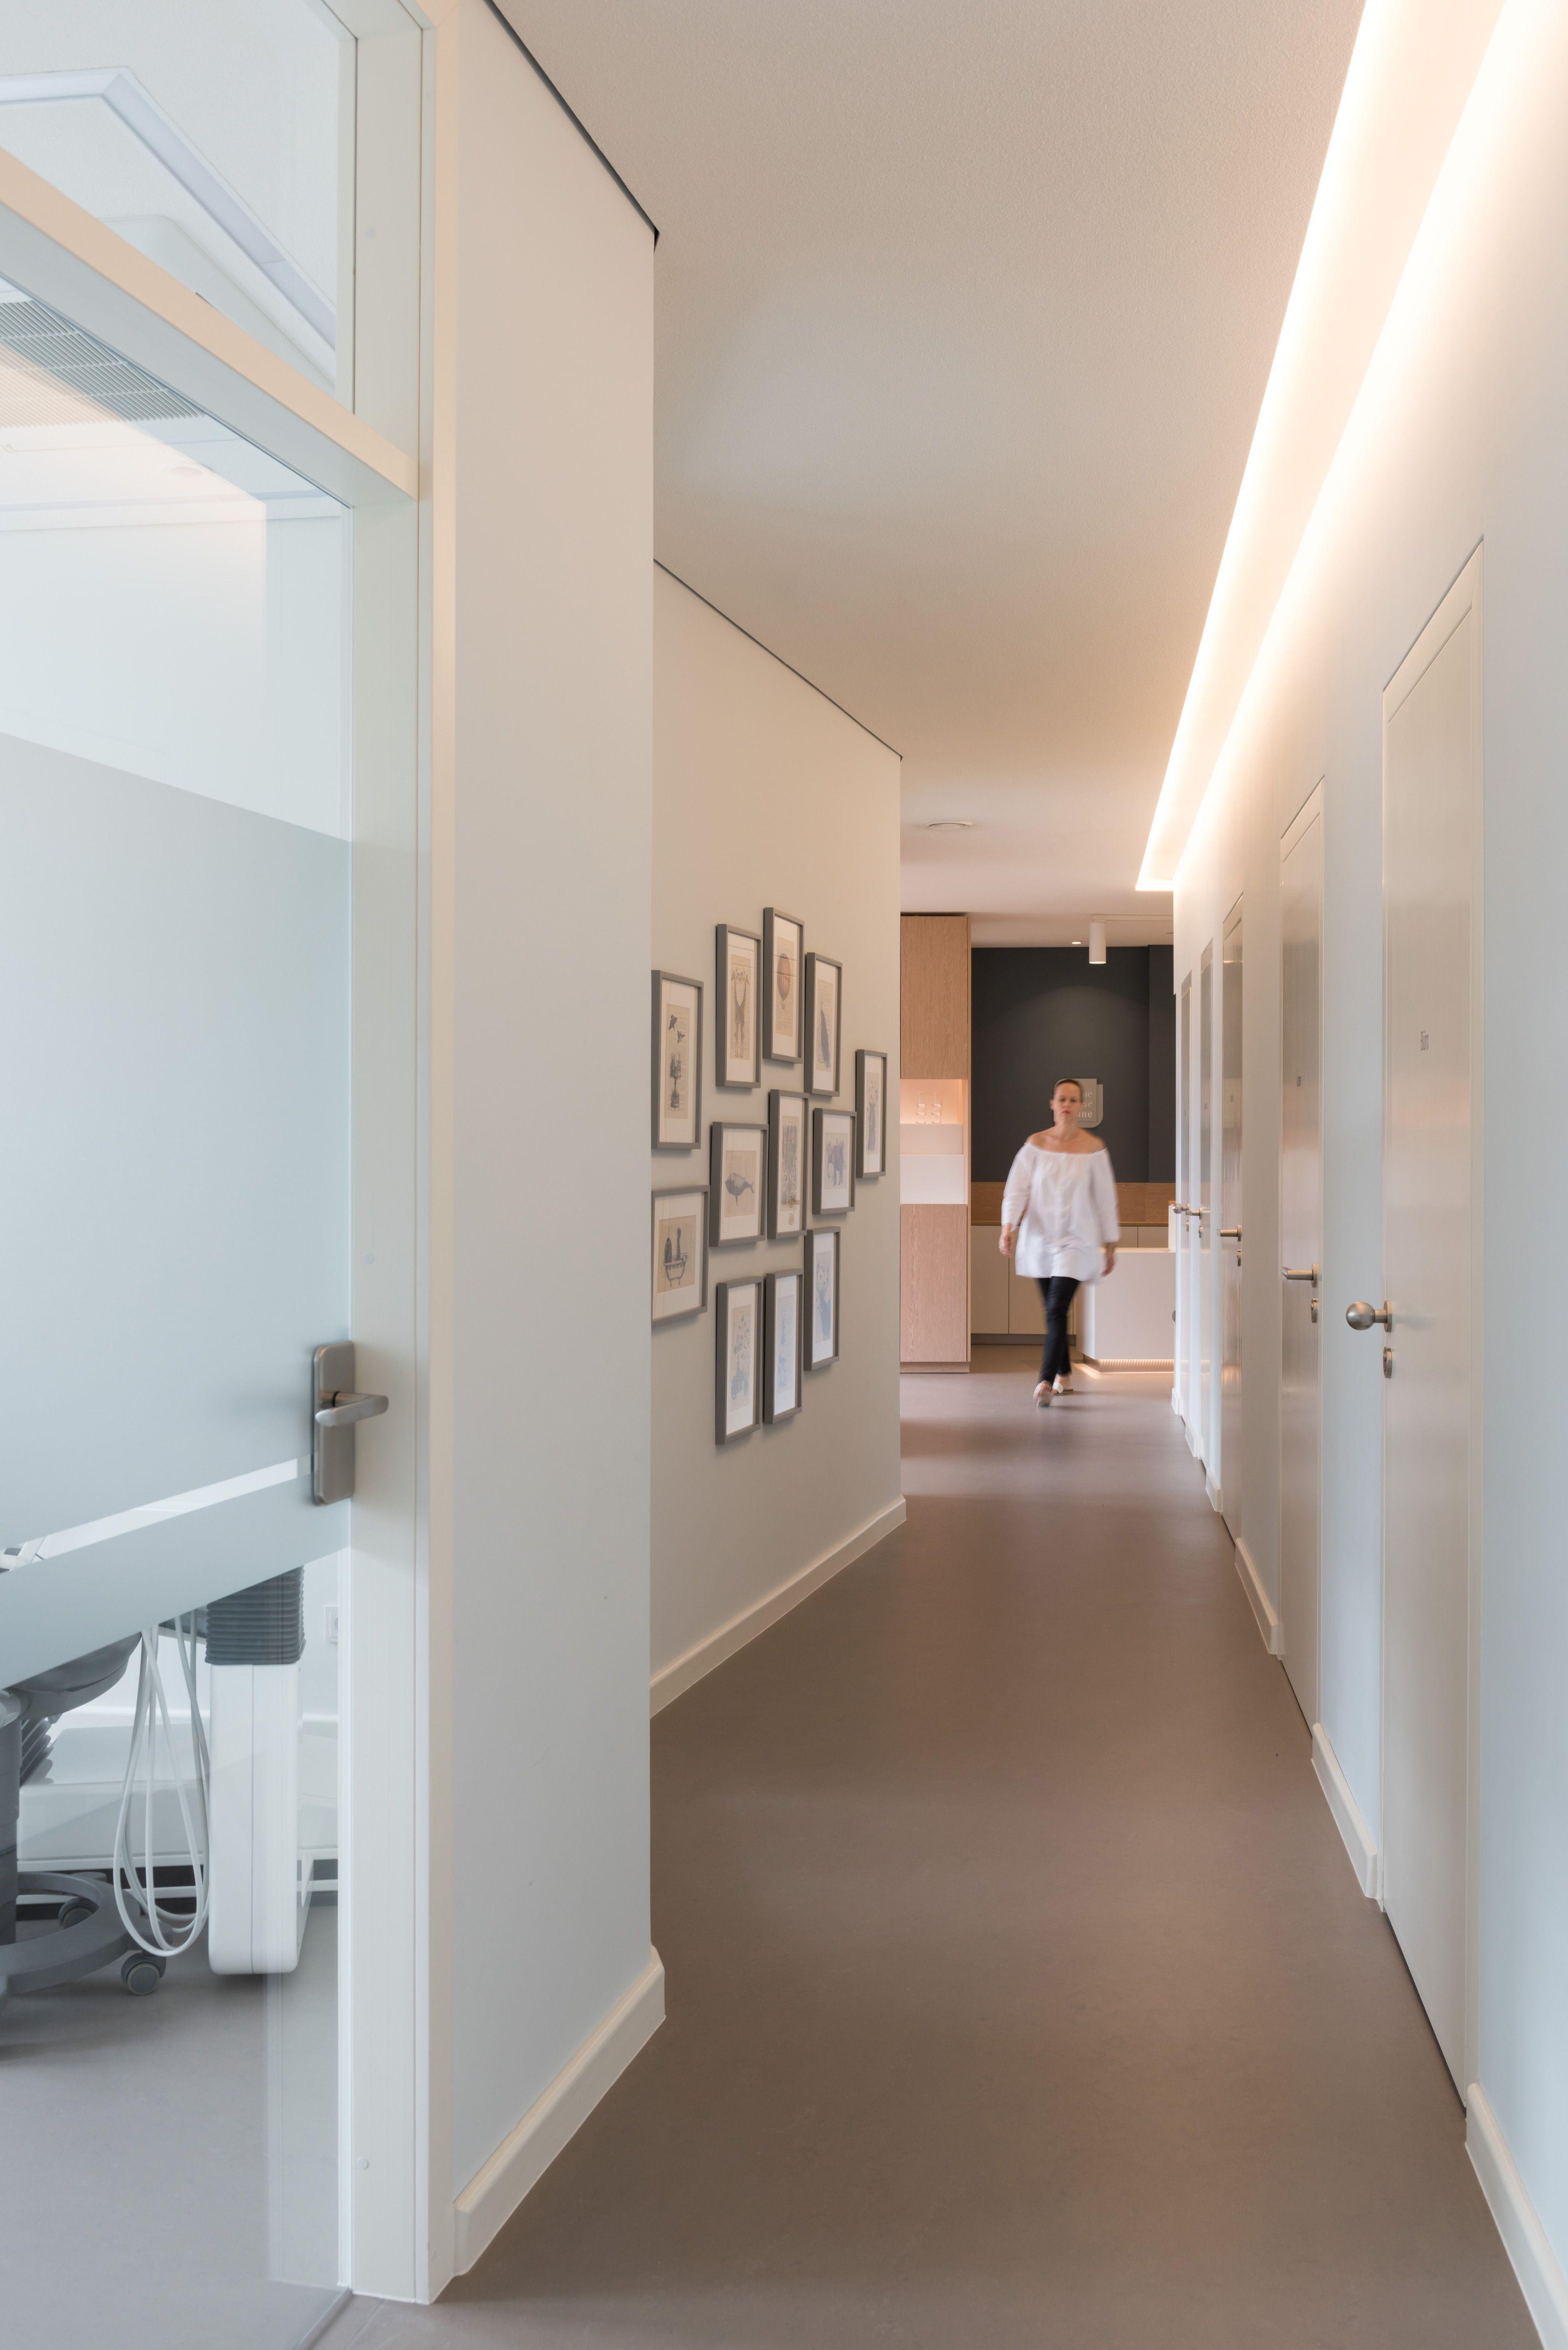 Zahnarztpraxis berlin by fl for Leuchten flur decke